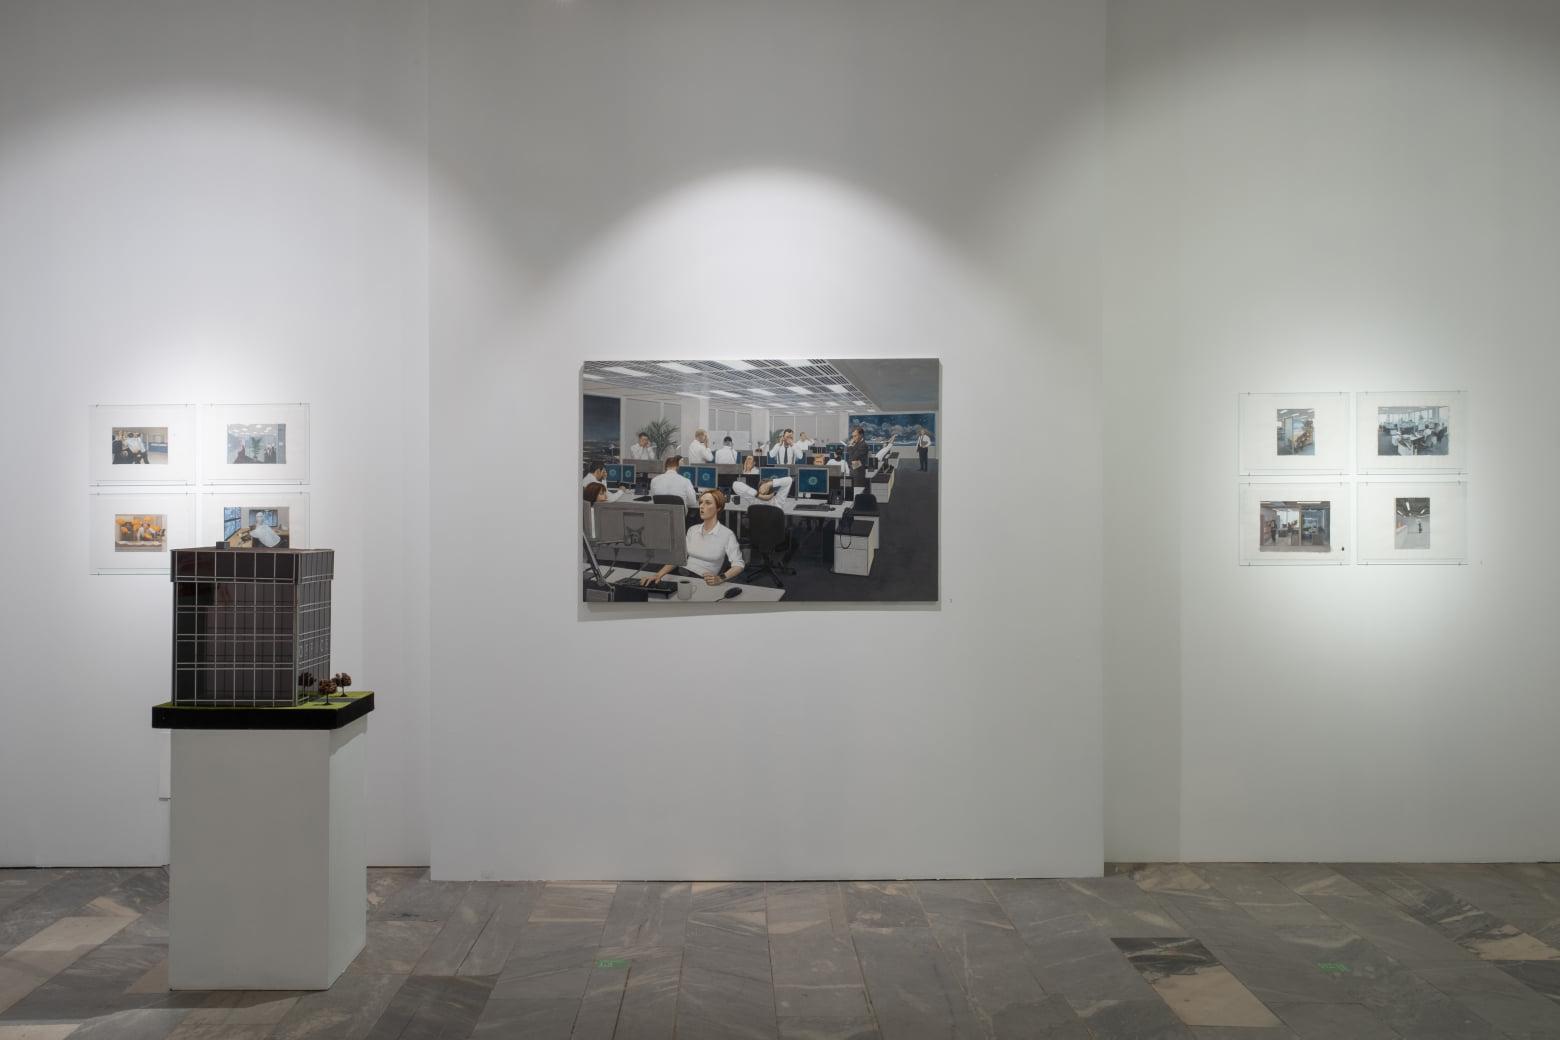 Проект «Офис» Марии Сафроновой. Фрагмент экспозиции. Фотографии Research Arts (2020)